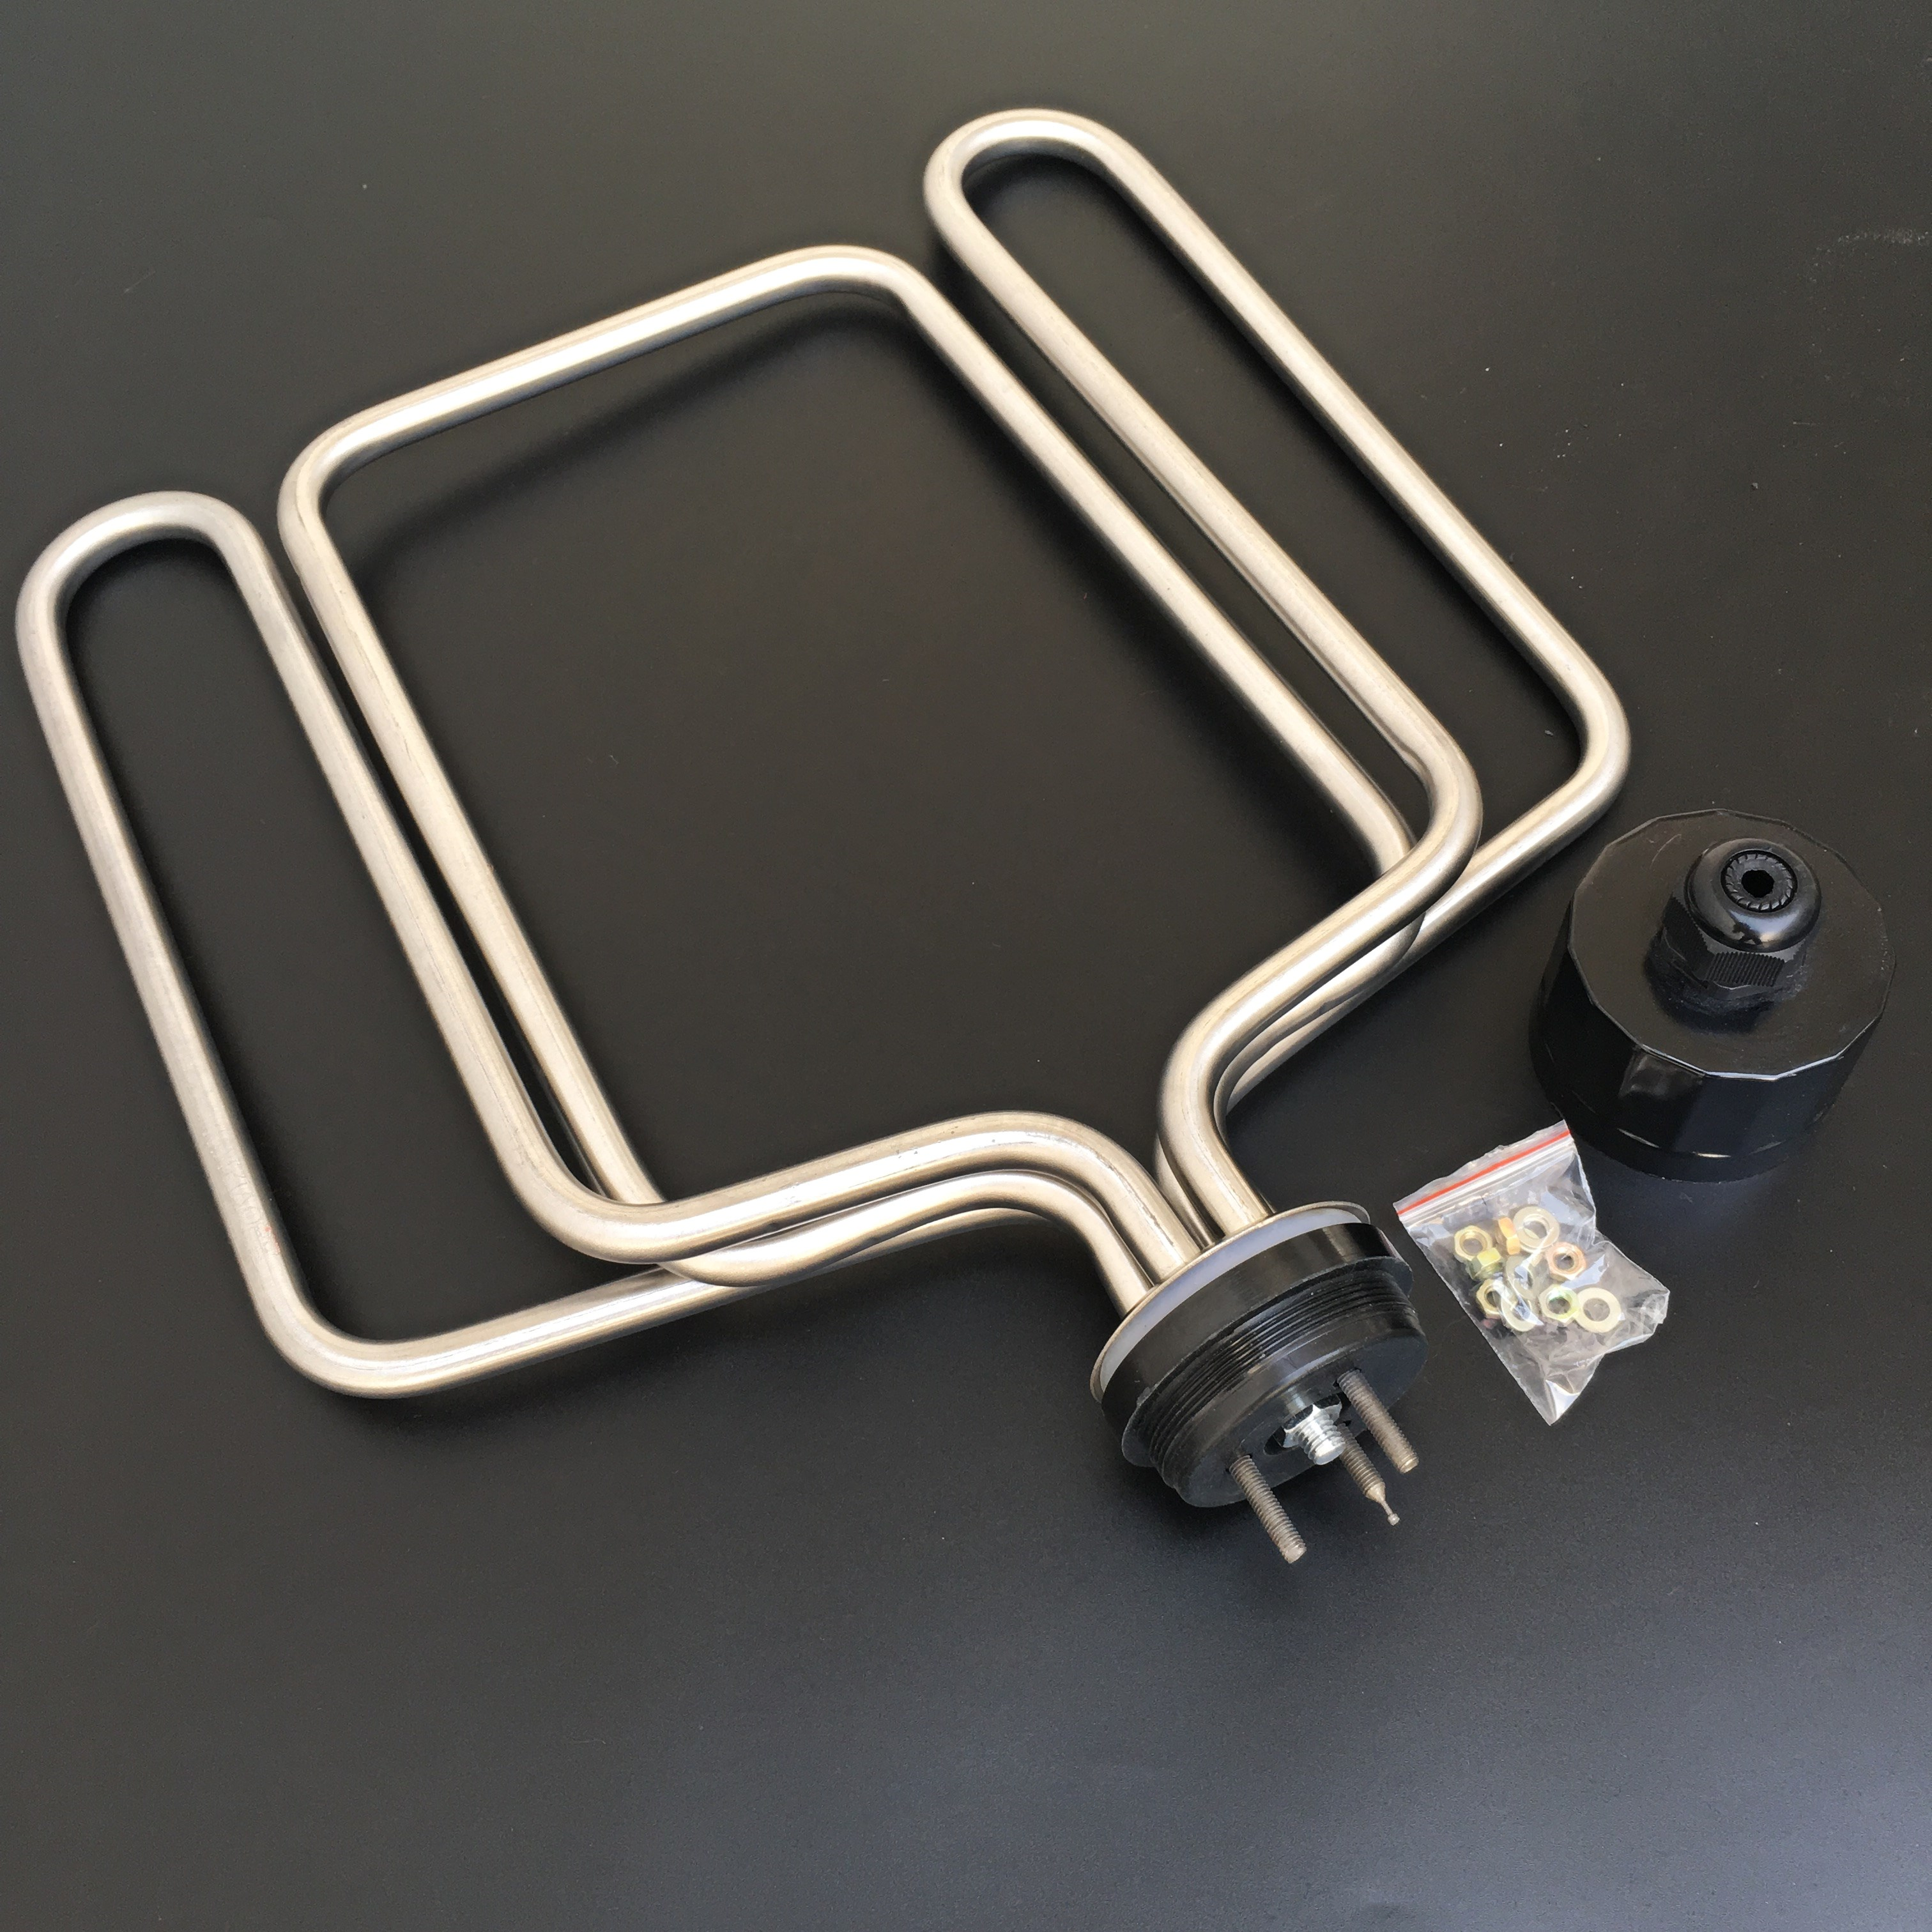 Cabeza plana / / arroz de coches / máquina / Gabinete / tubo de calor de tubo de vapor de calefacción eléctrica 220V / 380v / 6912KW Cabeza Redonda